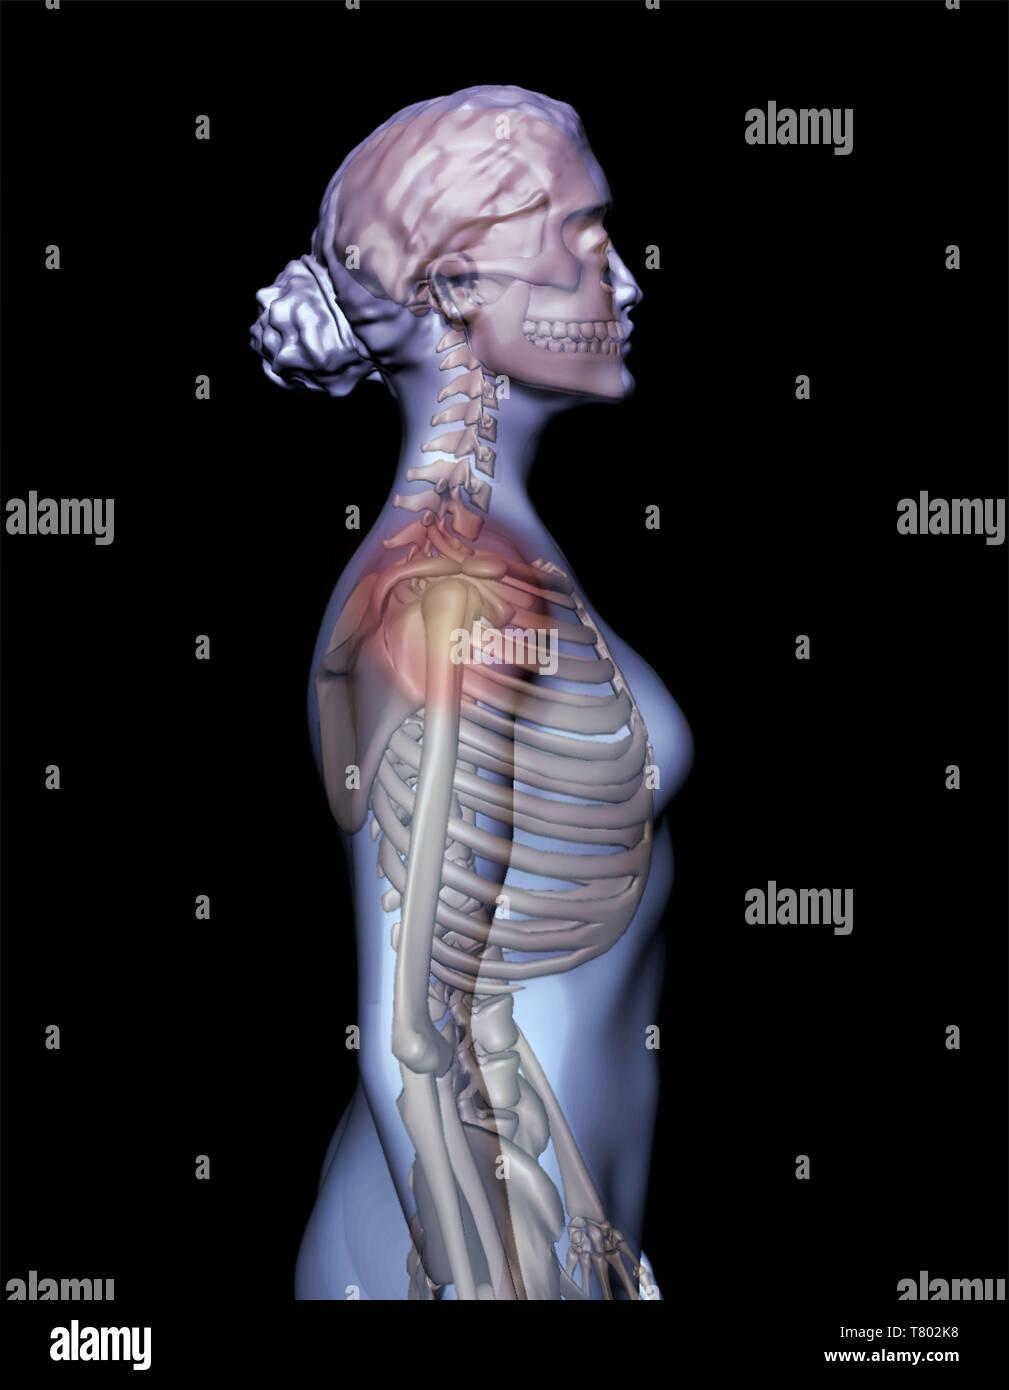 Shoulder Pain, Illustration - Stock Image